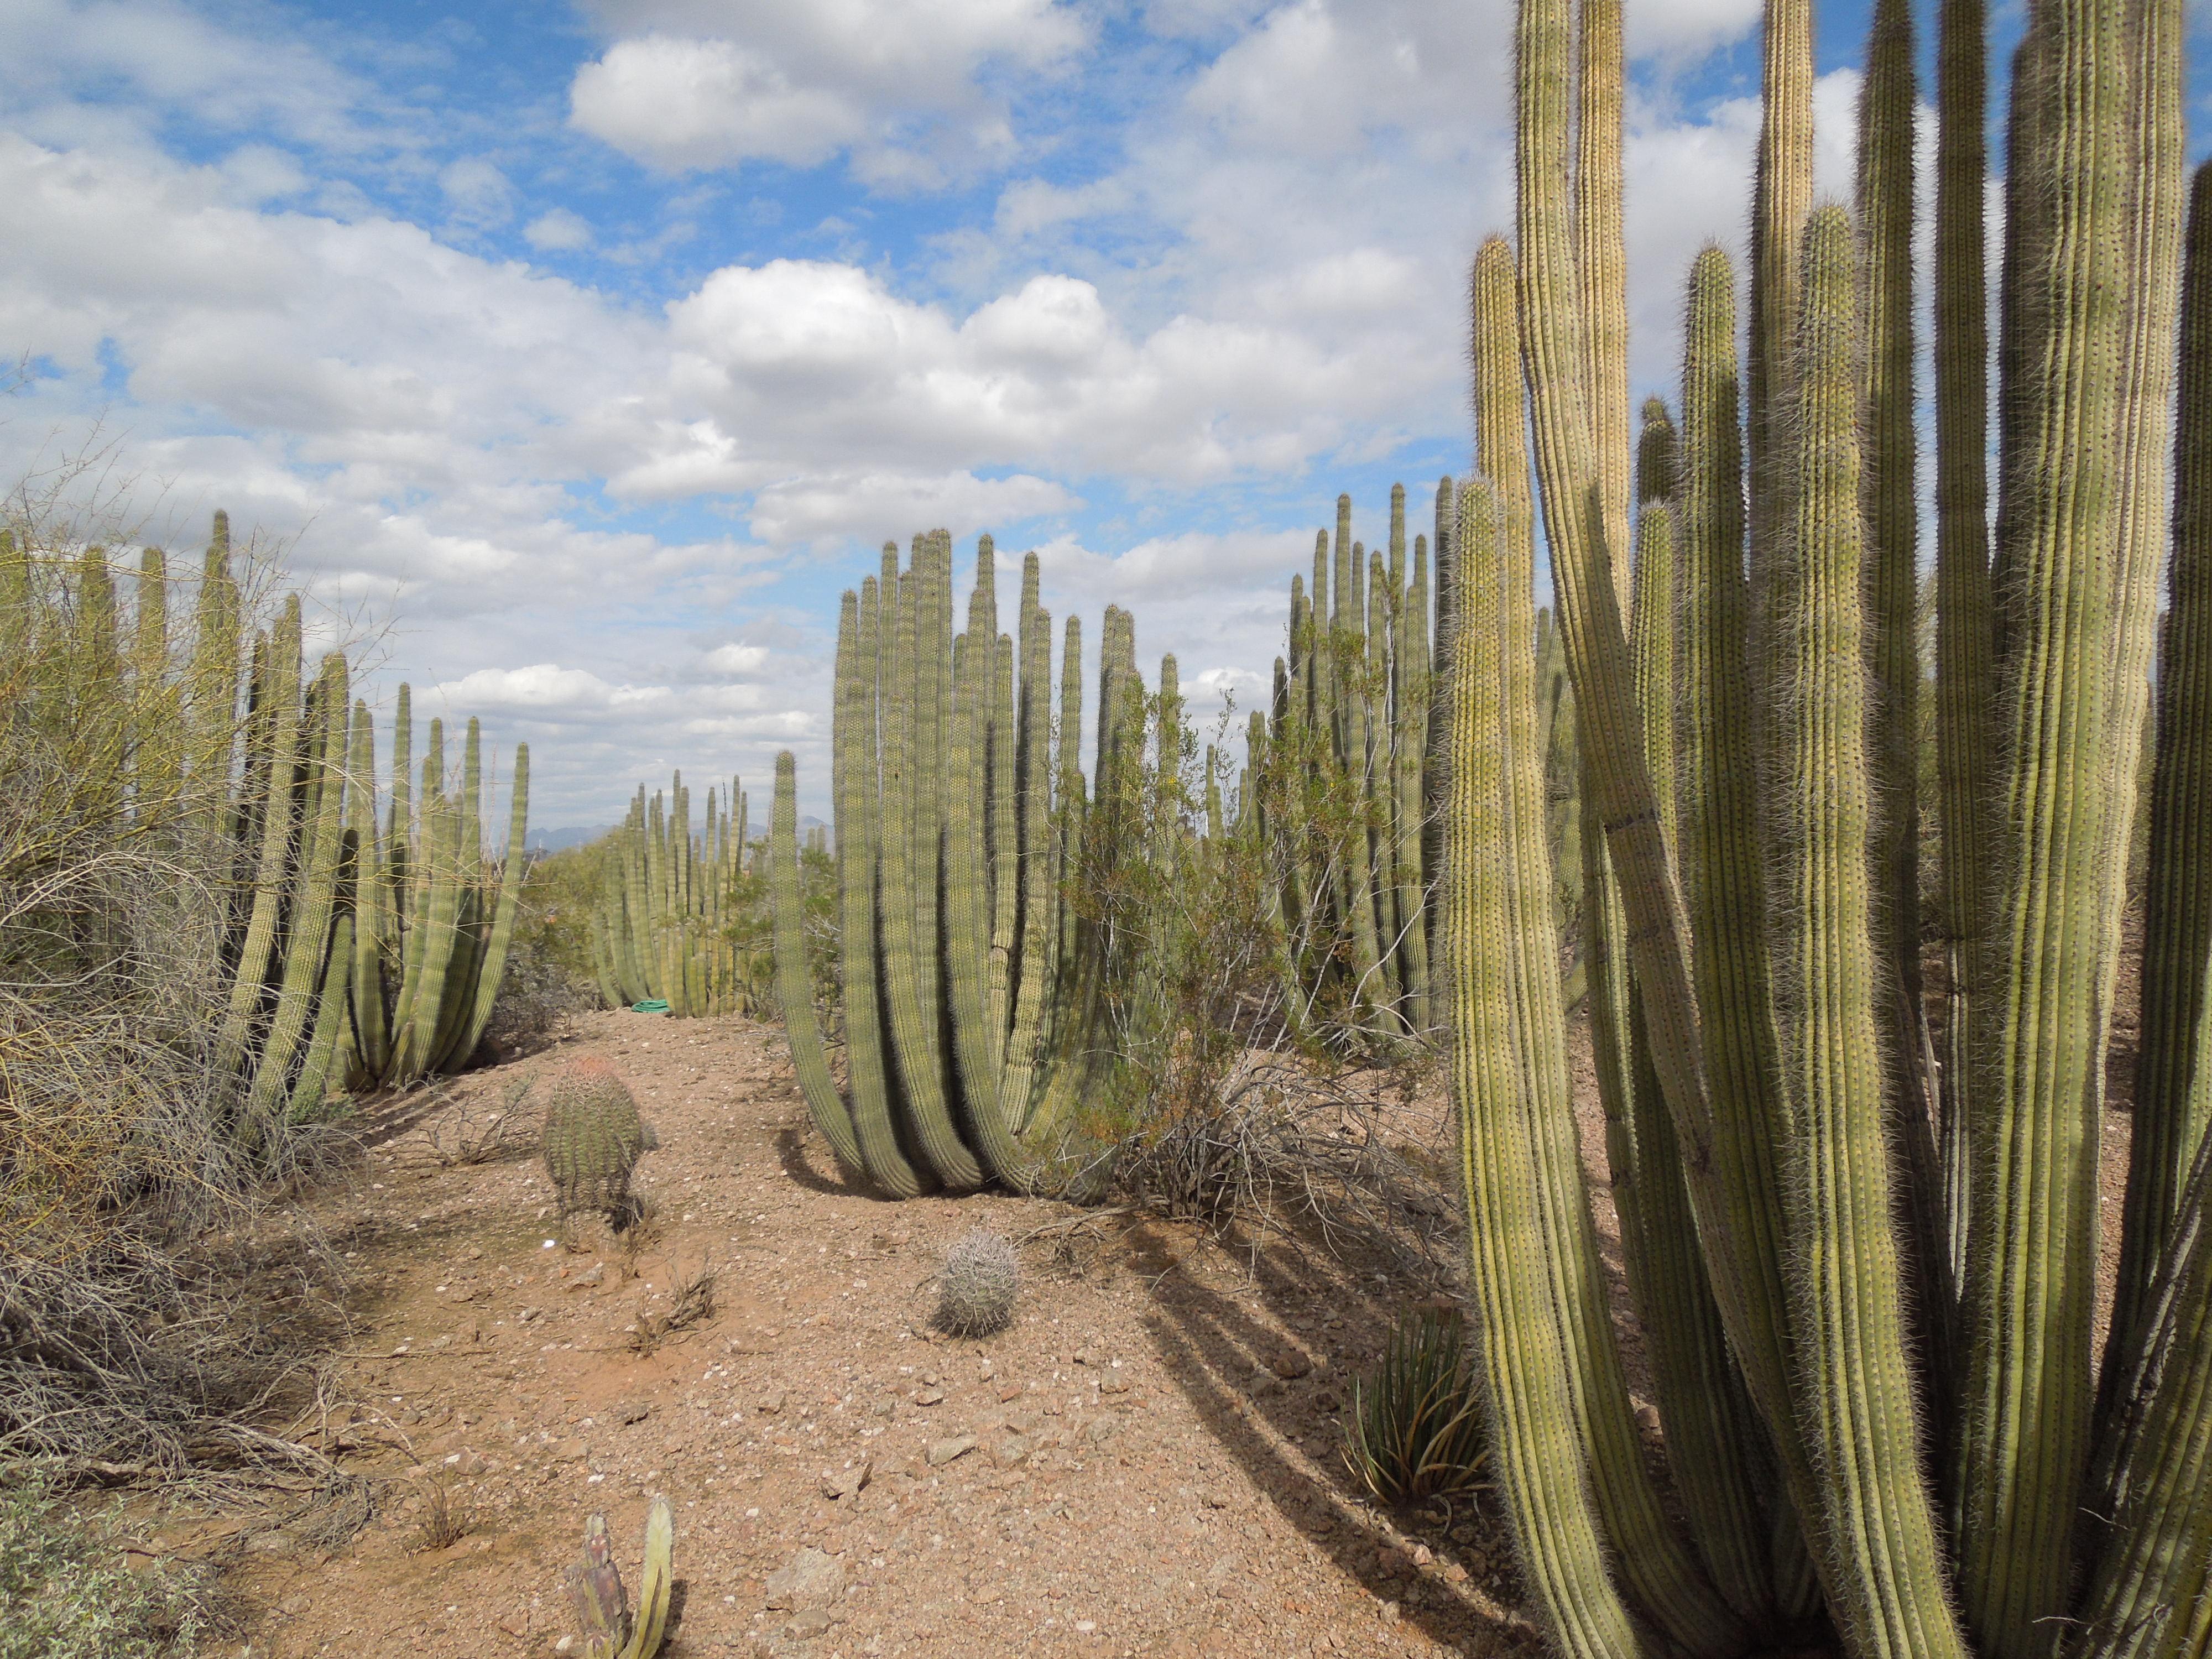 file:desert botanical garden phoenix arizona 36 - wikimedia